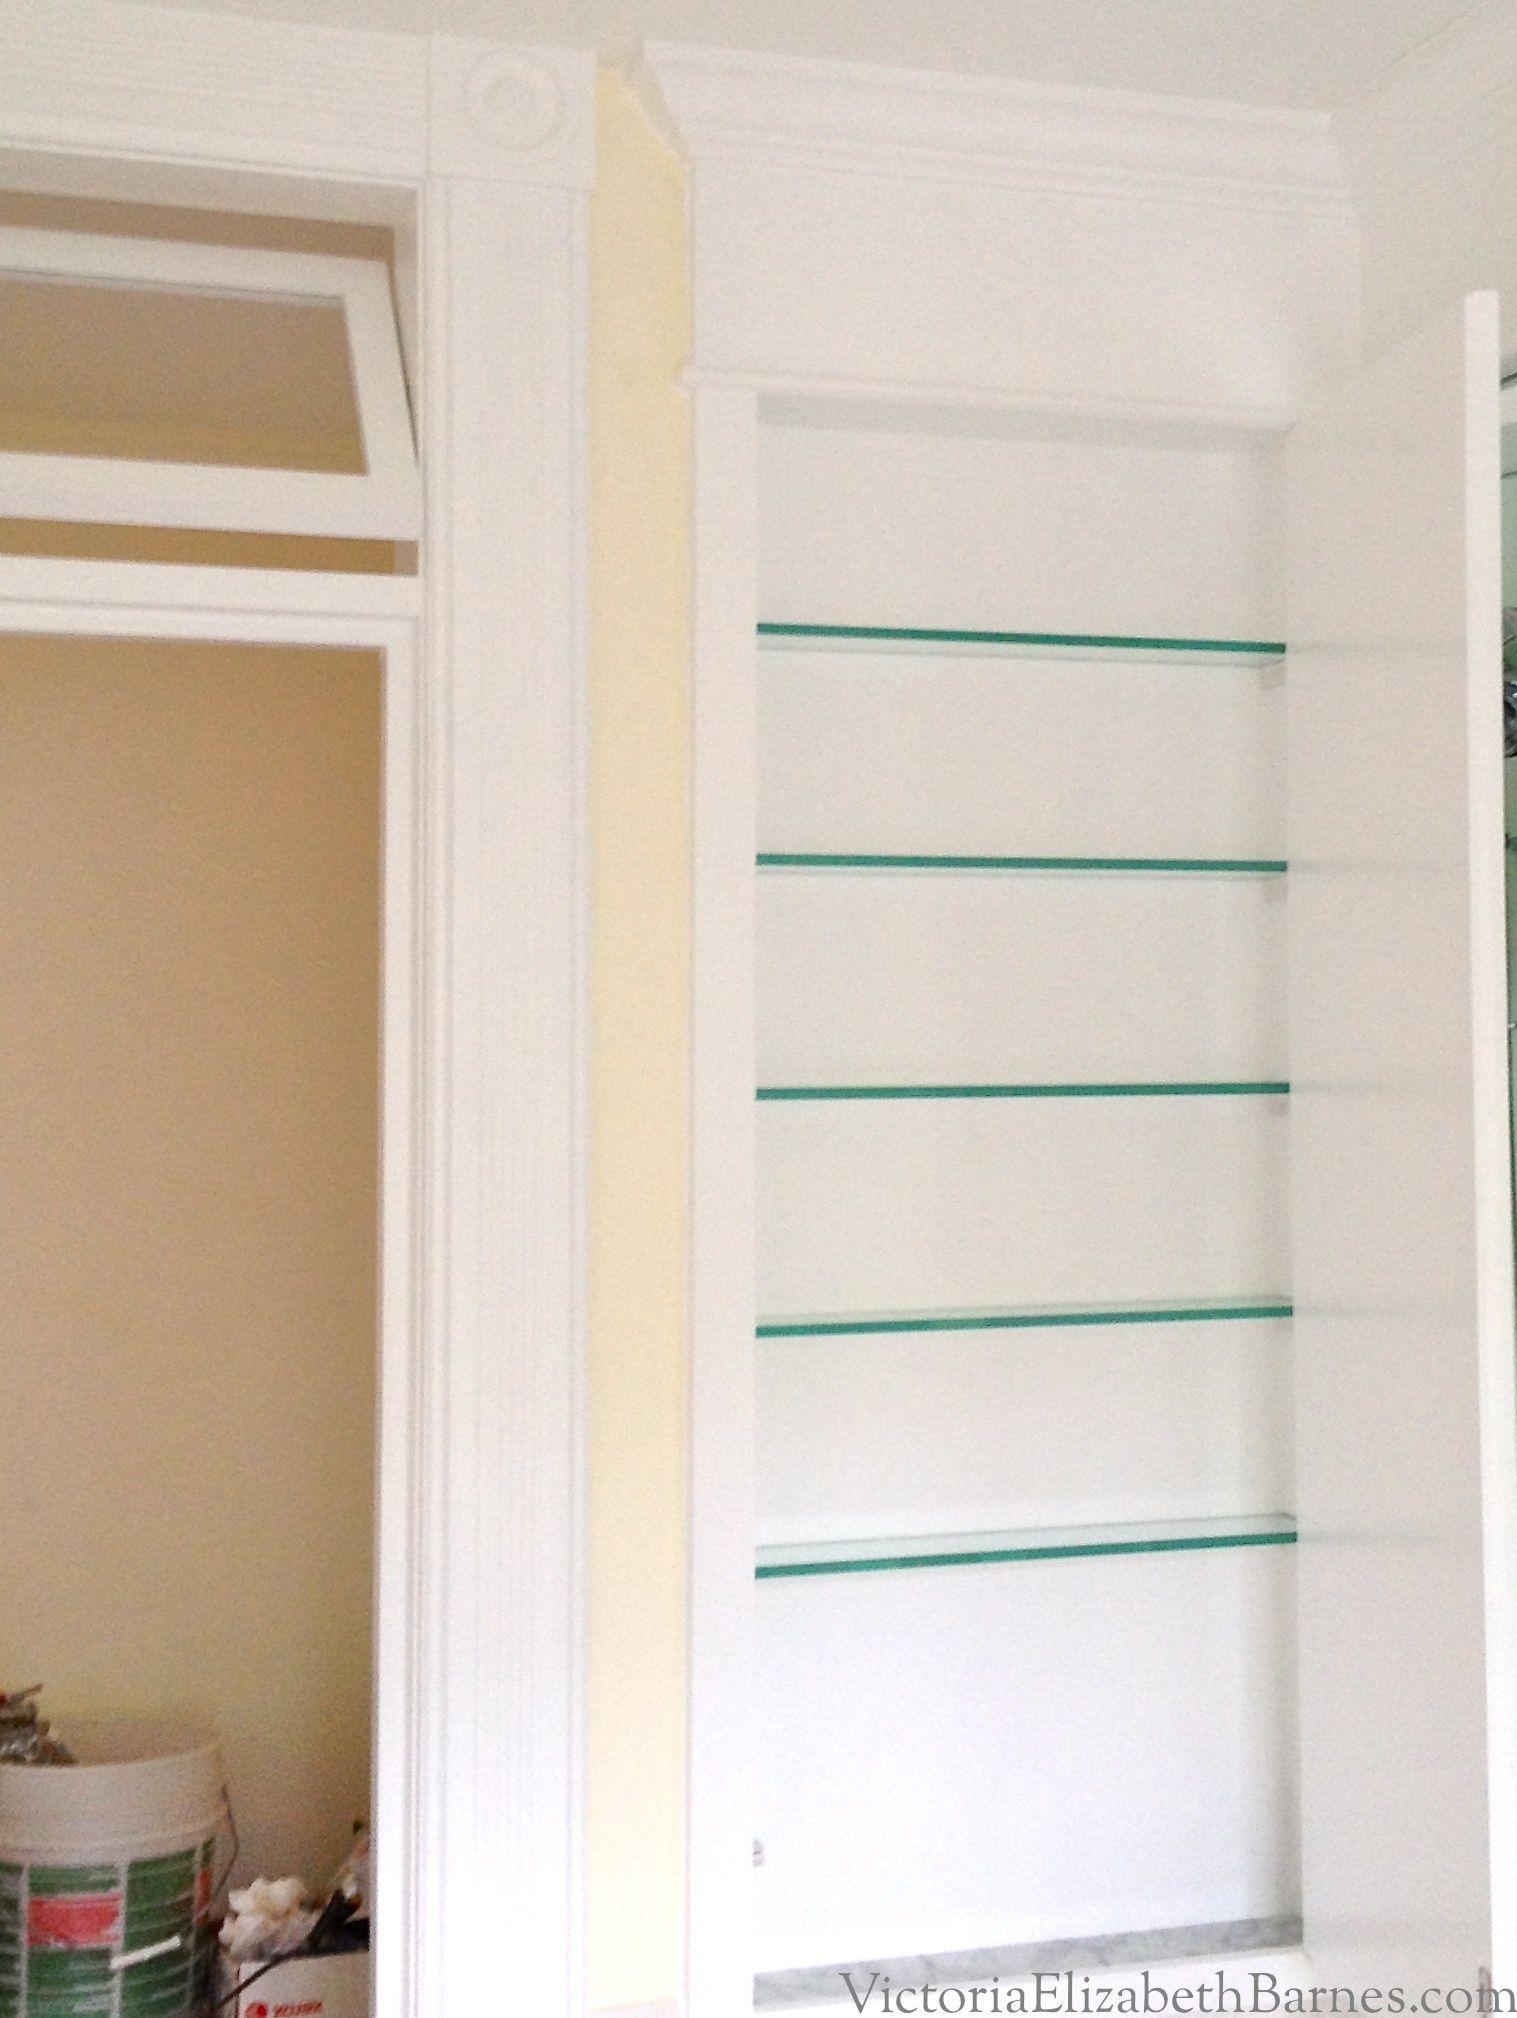 Diy Bath Remodel Diy Medicine Cabinet Recessed Medicine Cabinet Wall Storage Cabinets Bath Remodel Diy